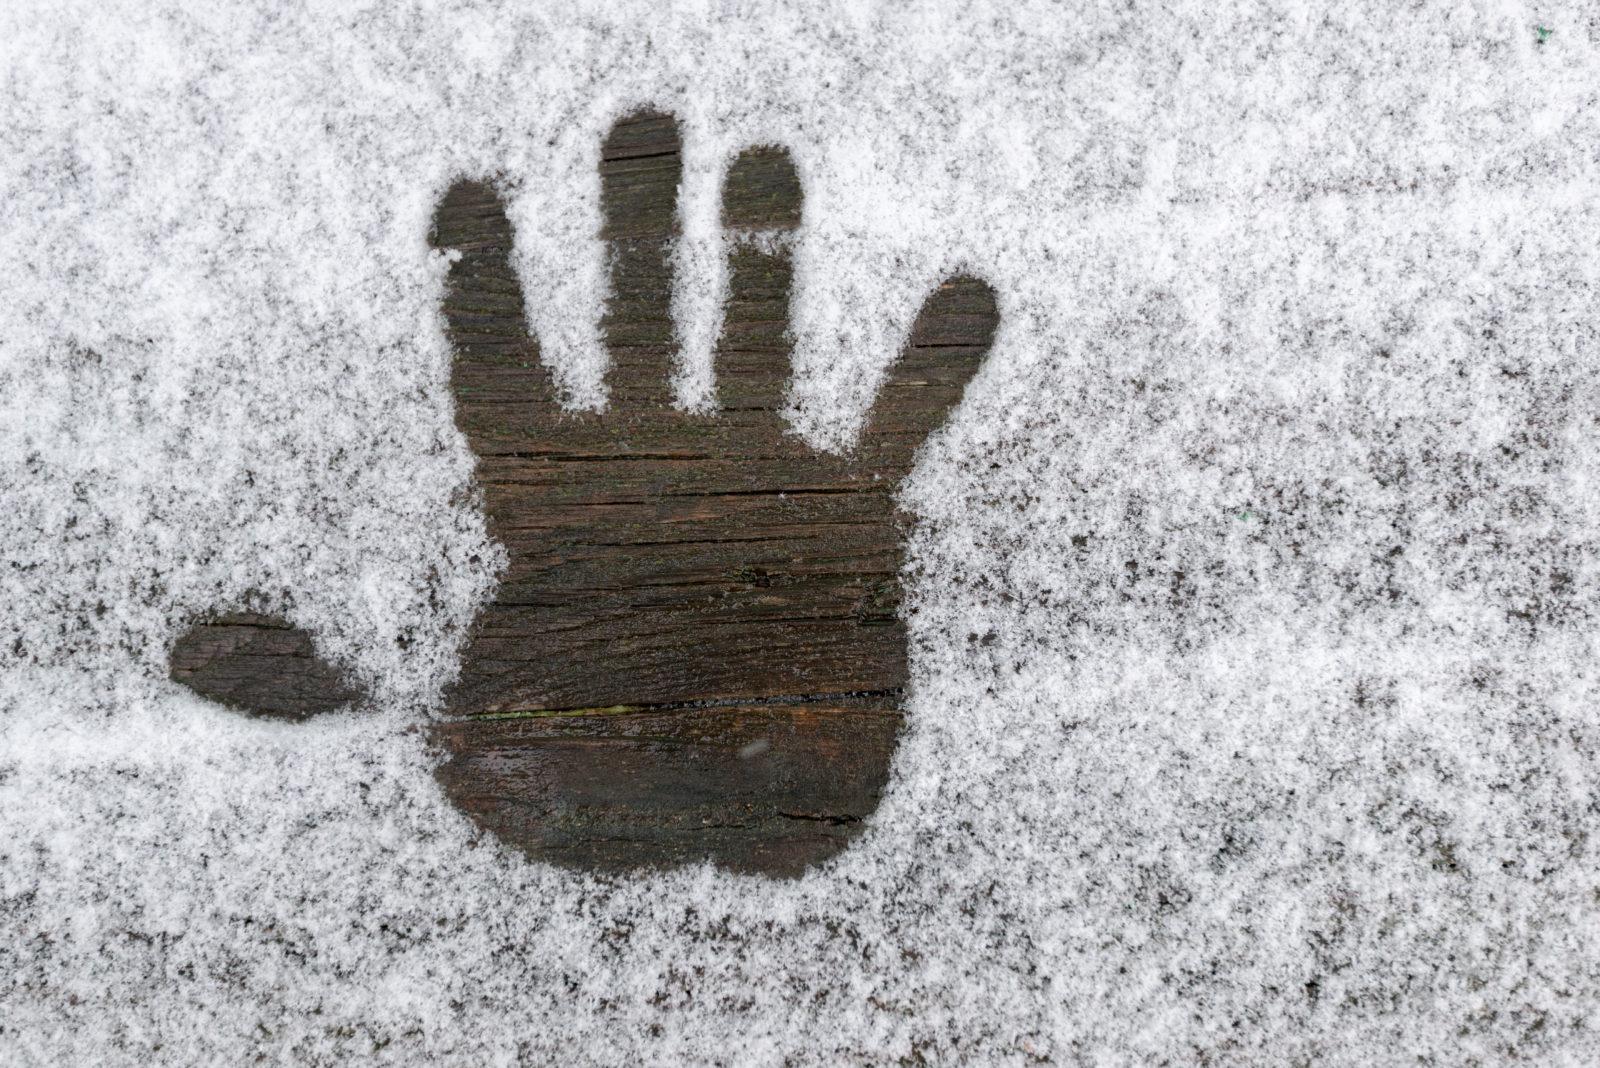 Pourquoi a-t-on les doigts gourds quand il fait froid ?